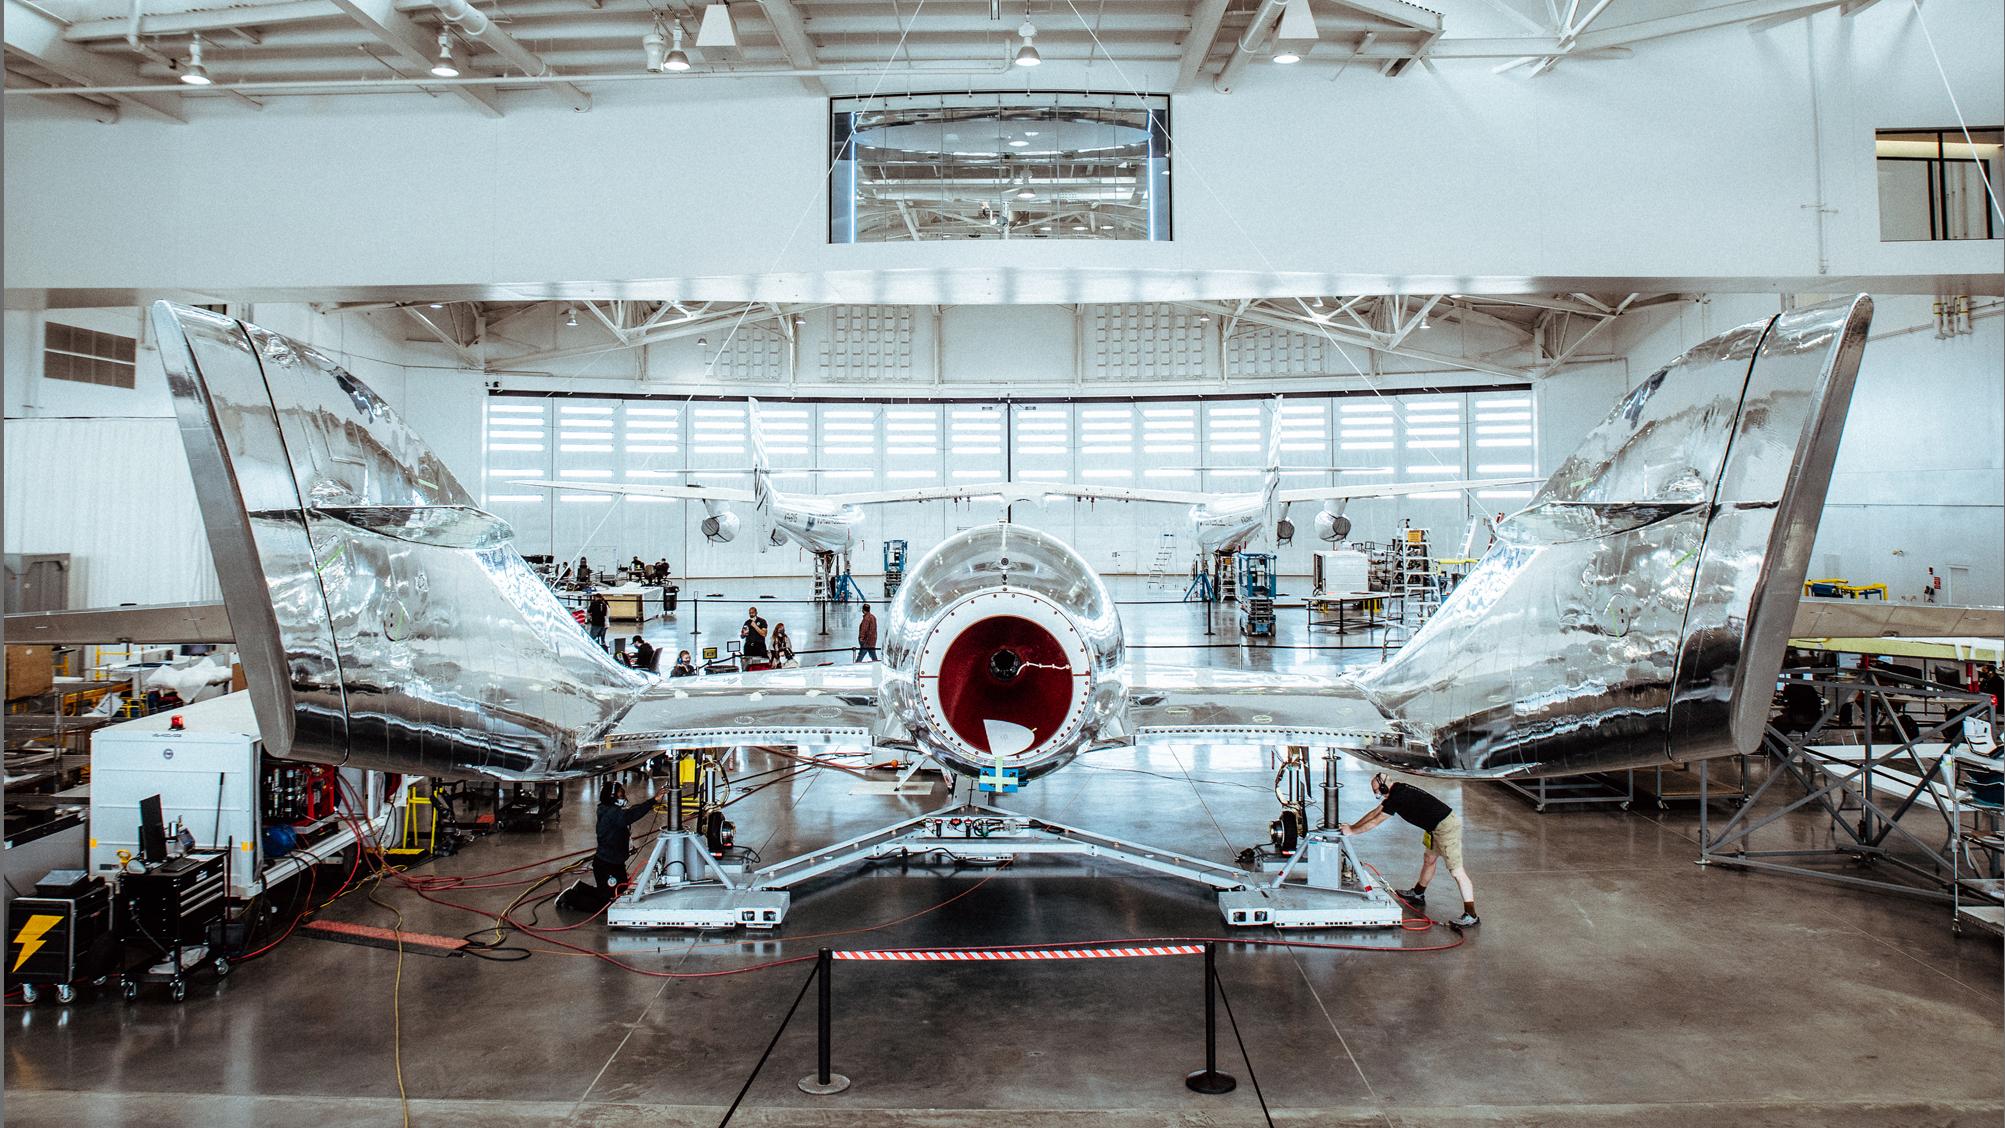 Une vue du SpaceShipTwo Unity de Virgin Galactic lors des opérations de contrôle en amont à Spaceport America, au Nouveau-Mexique, avant le lancement du test le 12 décembre 2020.